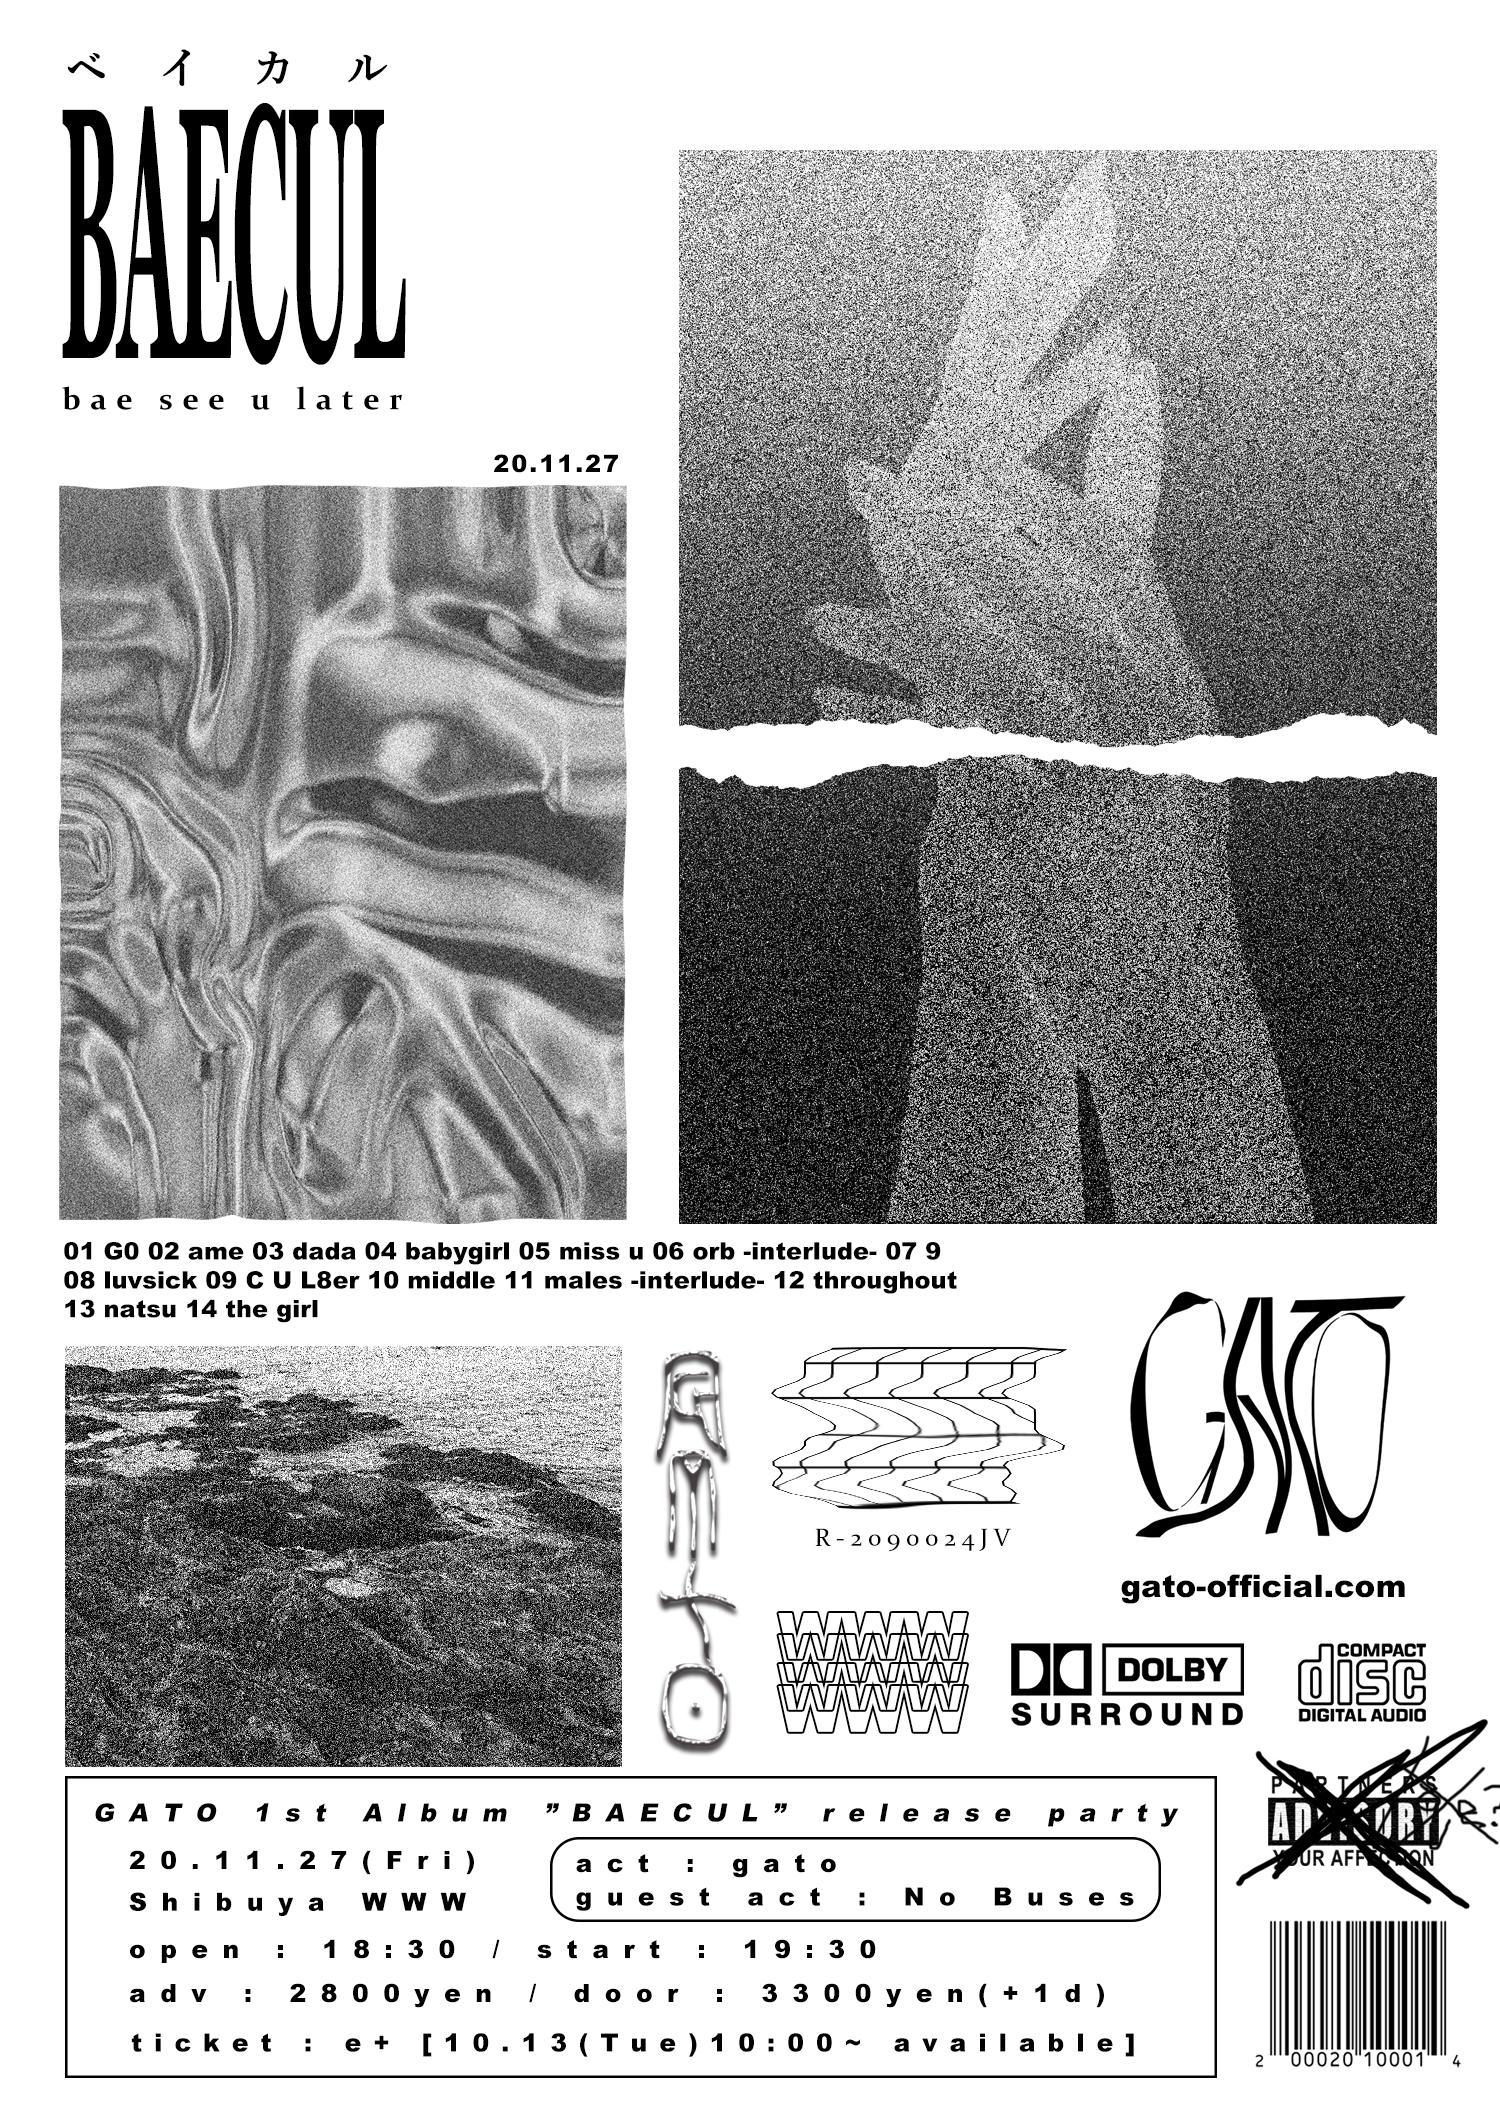 BAECUL_releaseParty_flyer.jpg